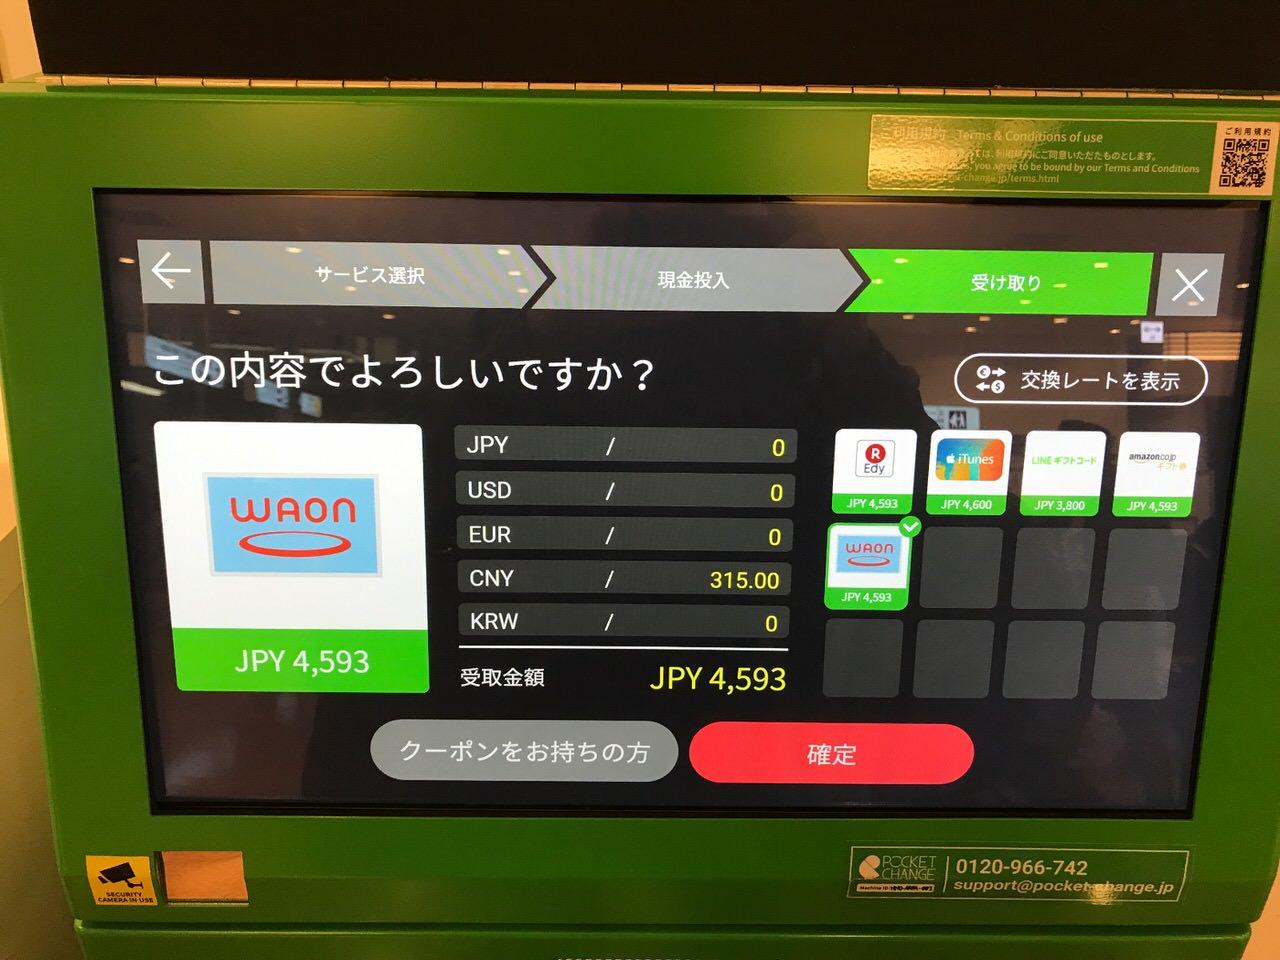 Pocket change 9415